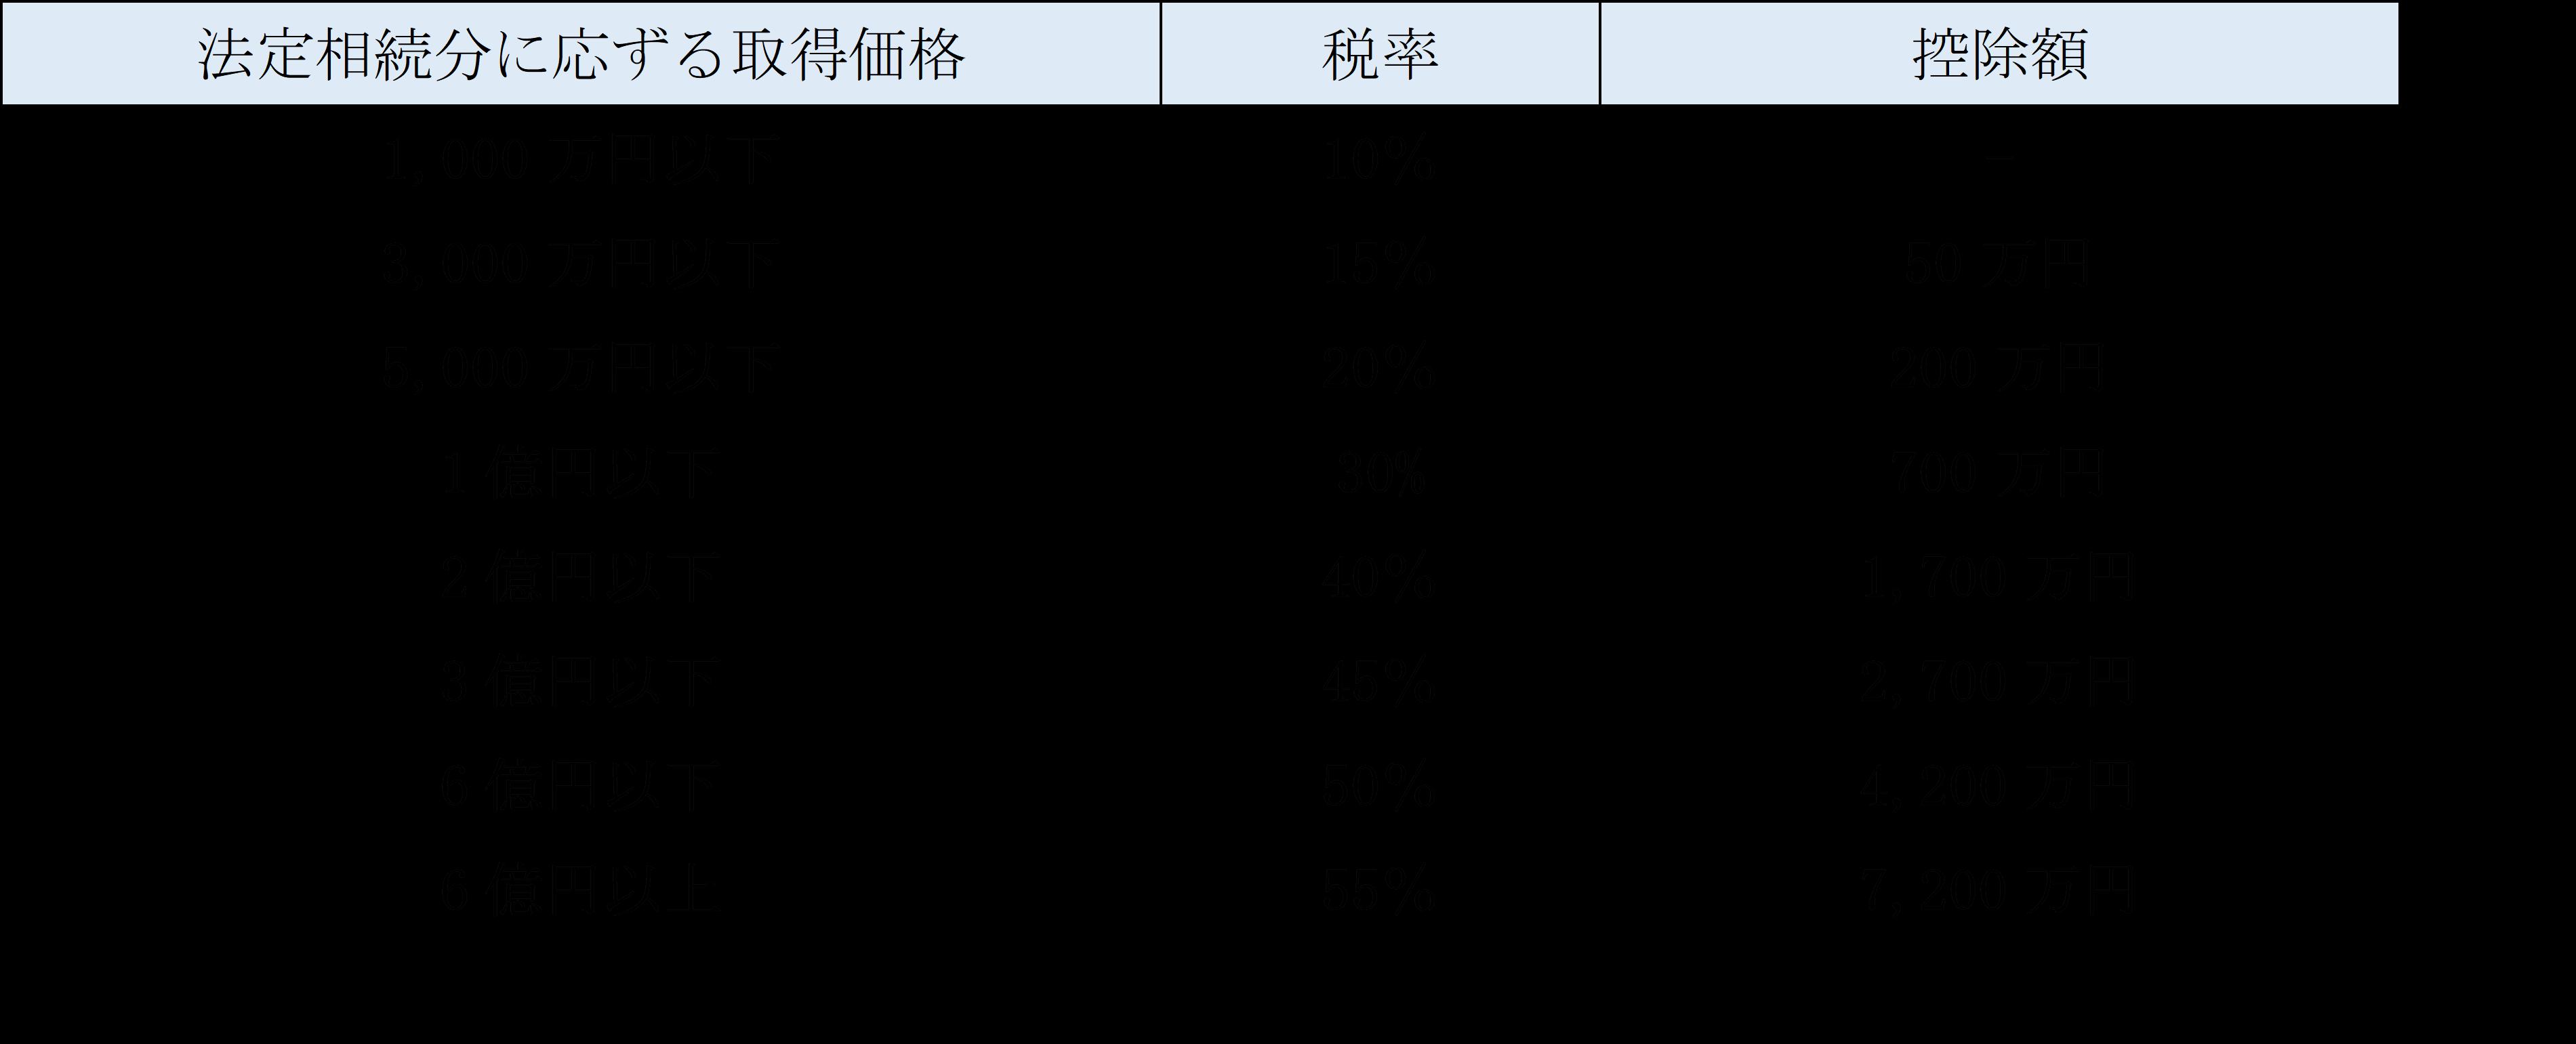 相続税額計算即算表.png